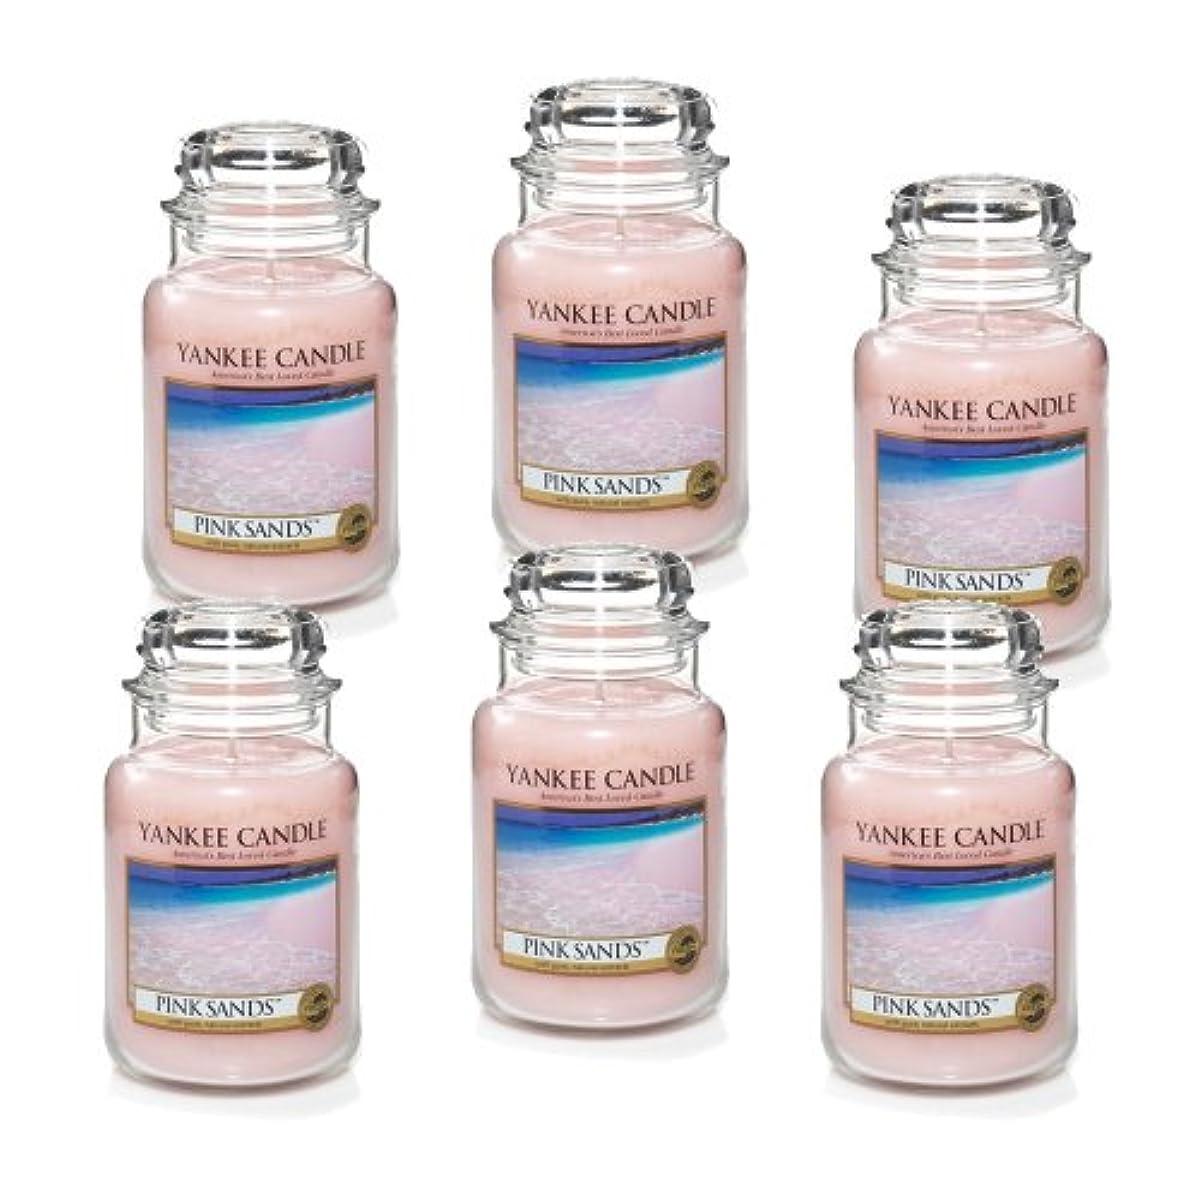 人工的な知覚思いつくYankee Candle ピンクサンズ 大瓶 22オンス キャンドル Set of 6 ピンク 1205337X6